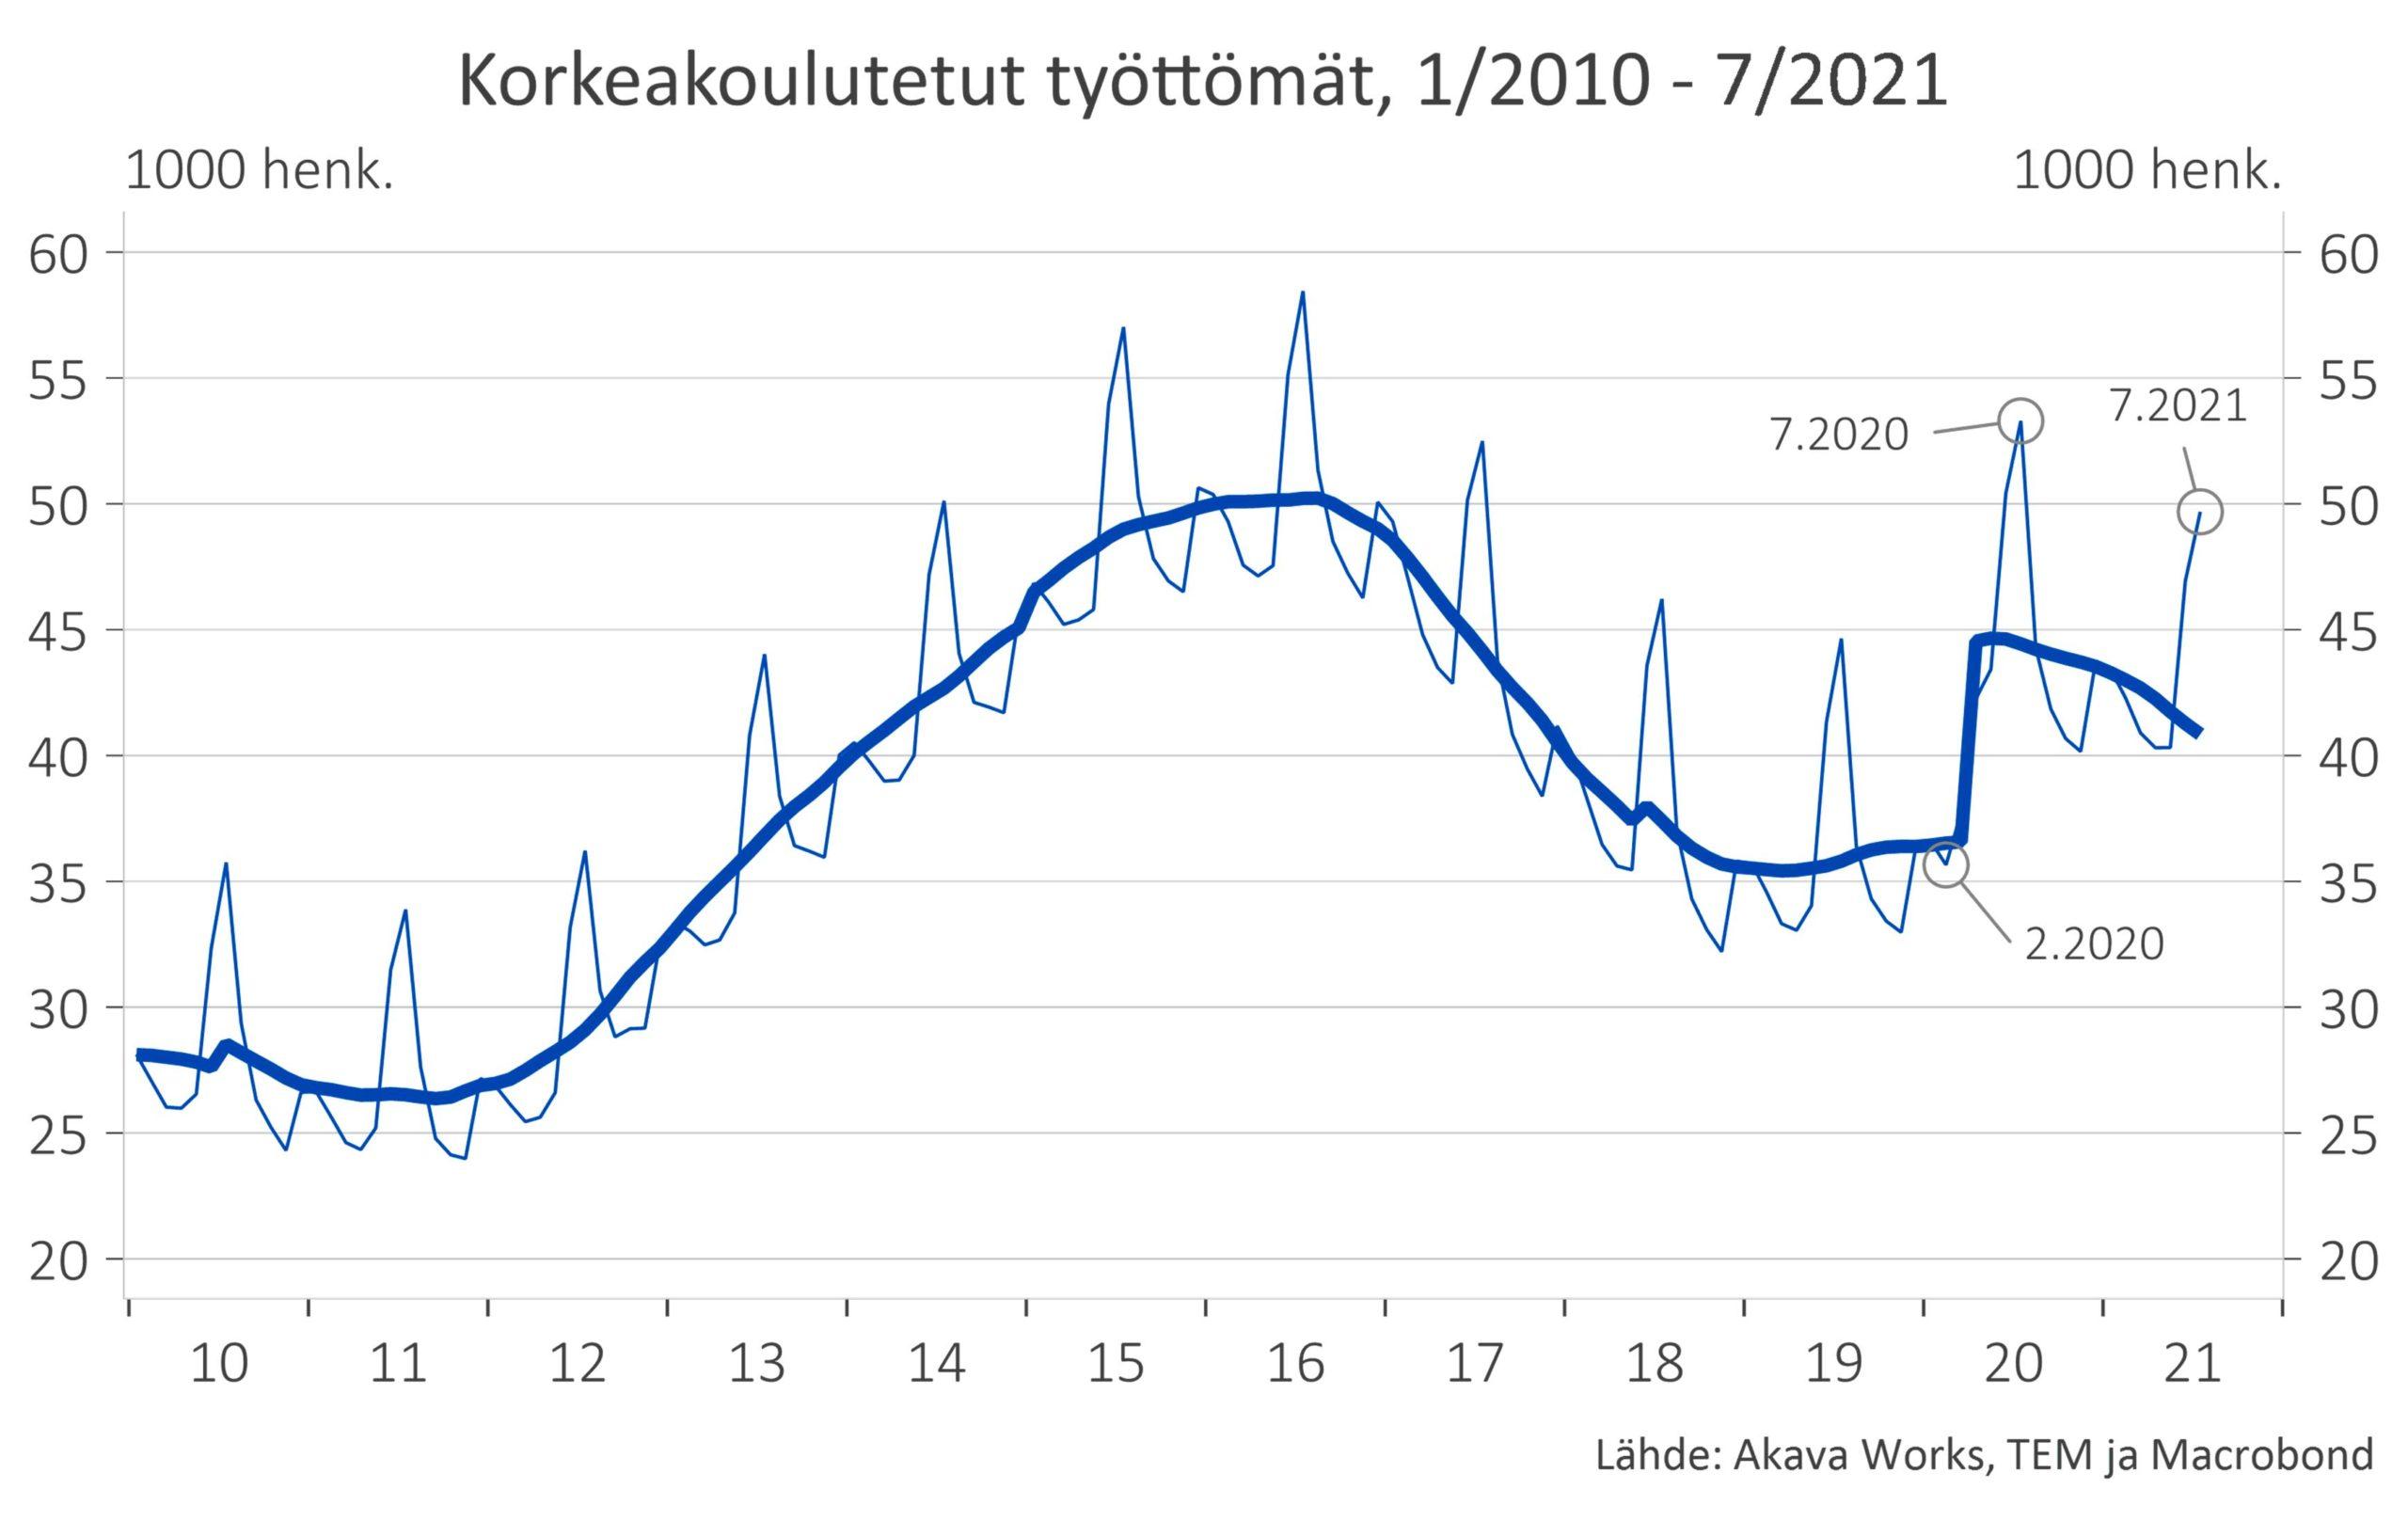 Korkeakoulutettujen työttömien määrä